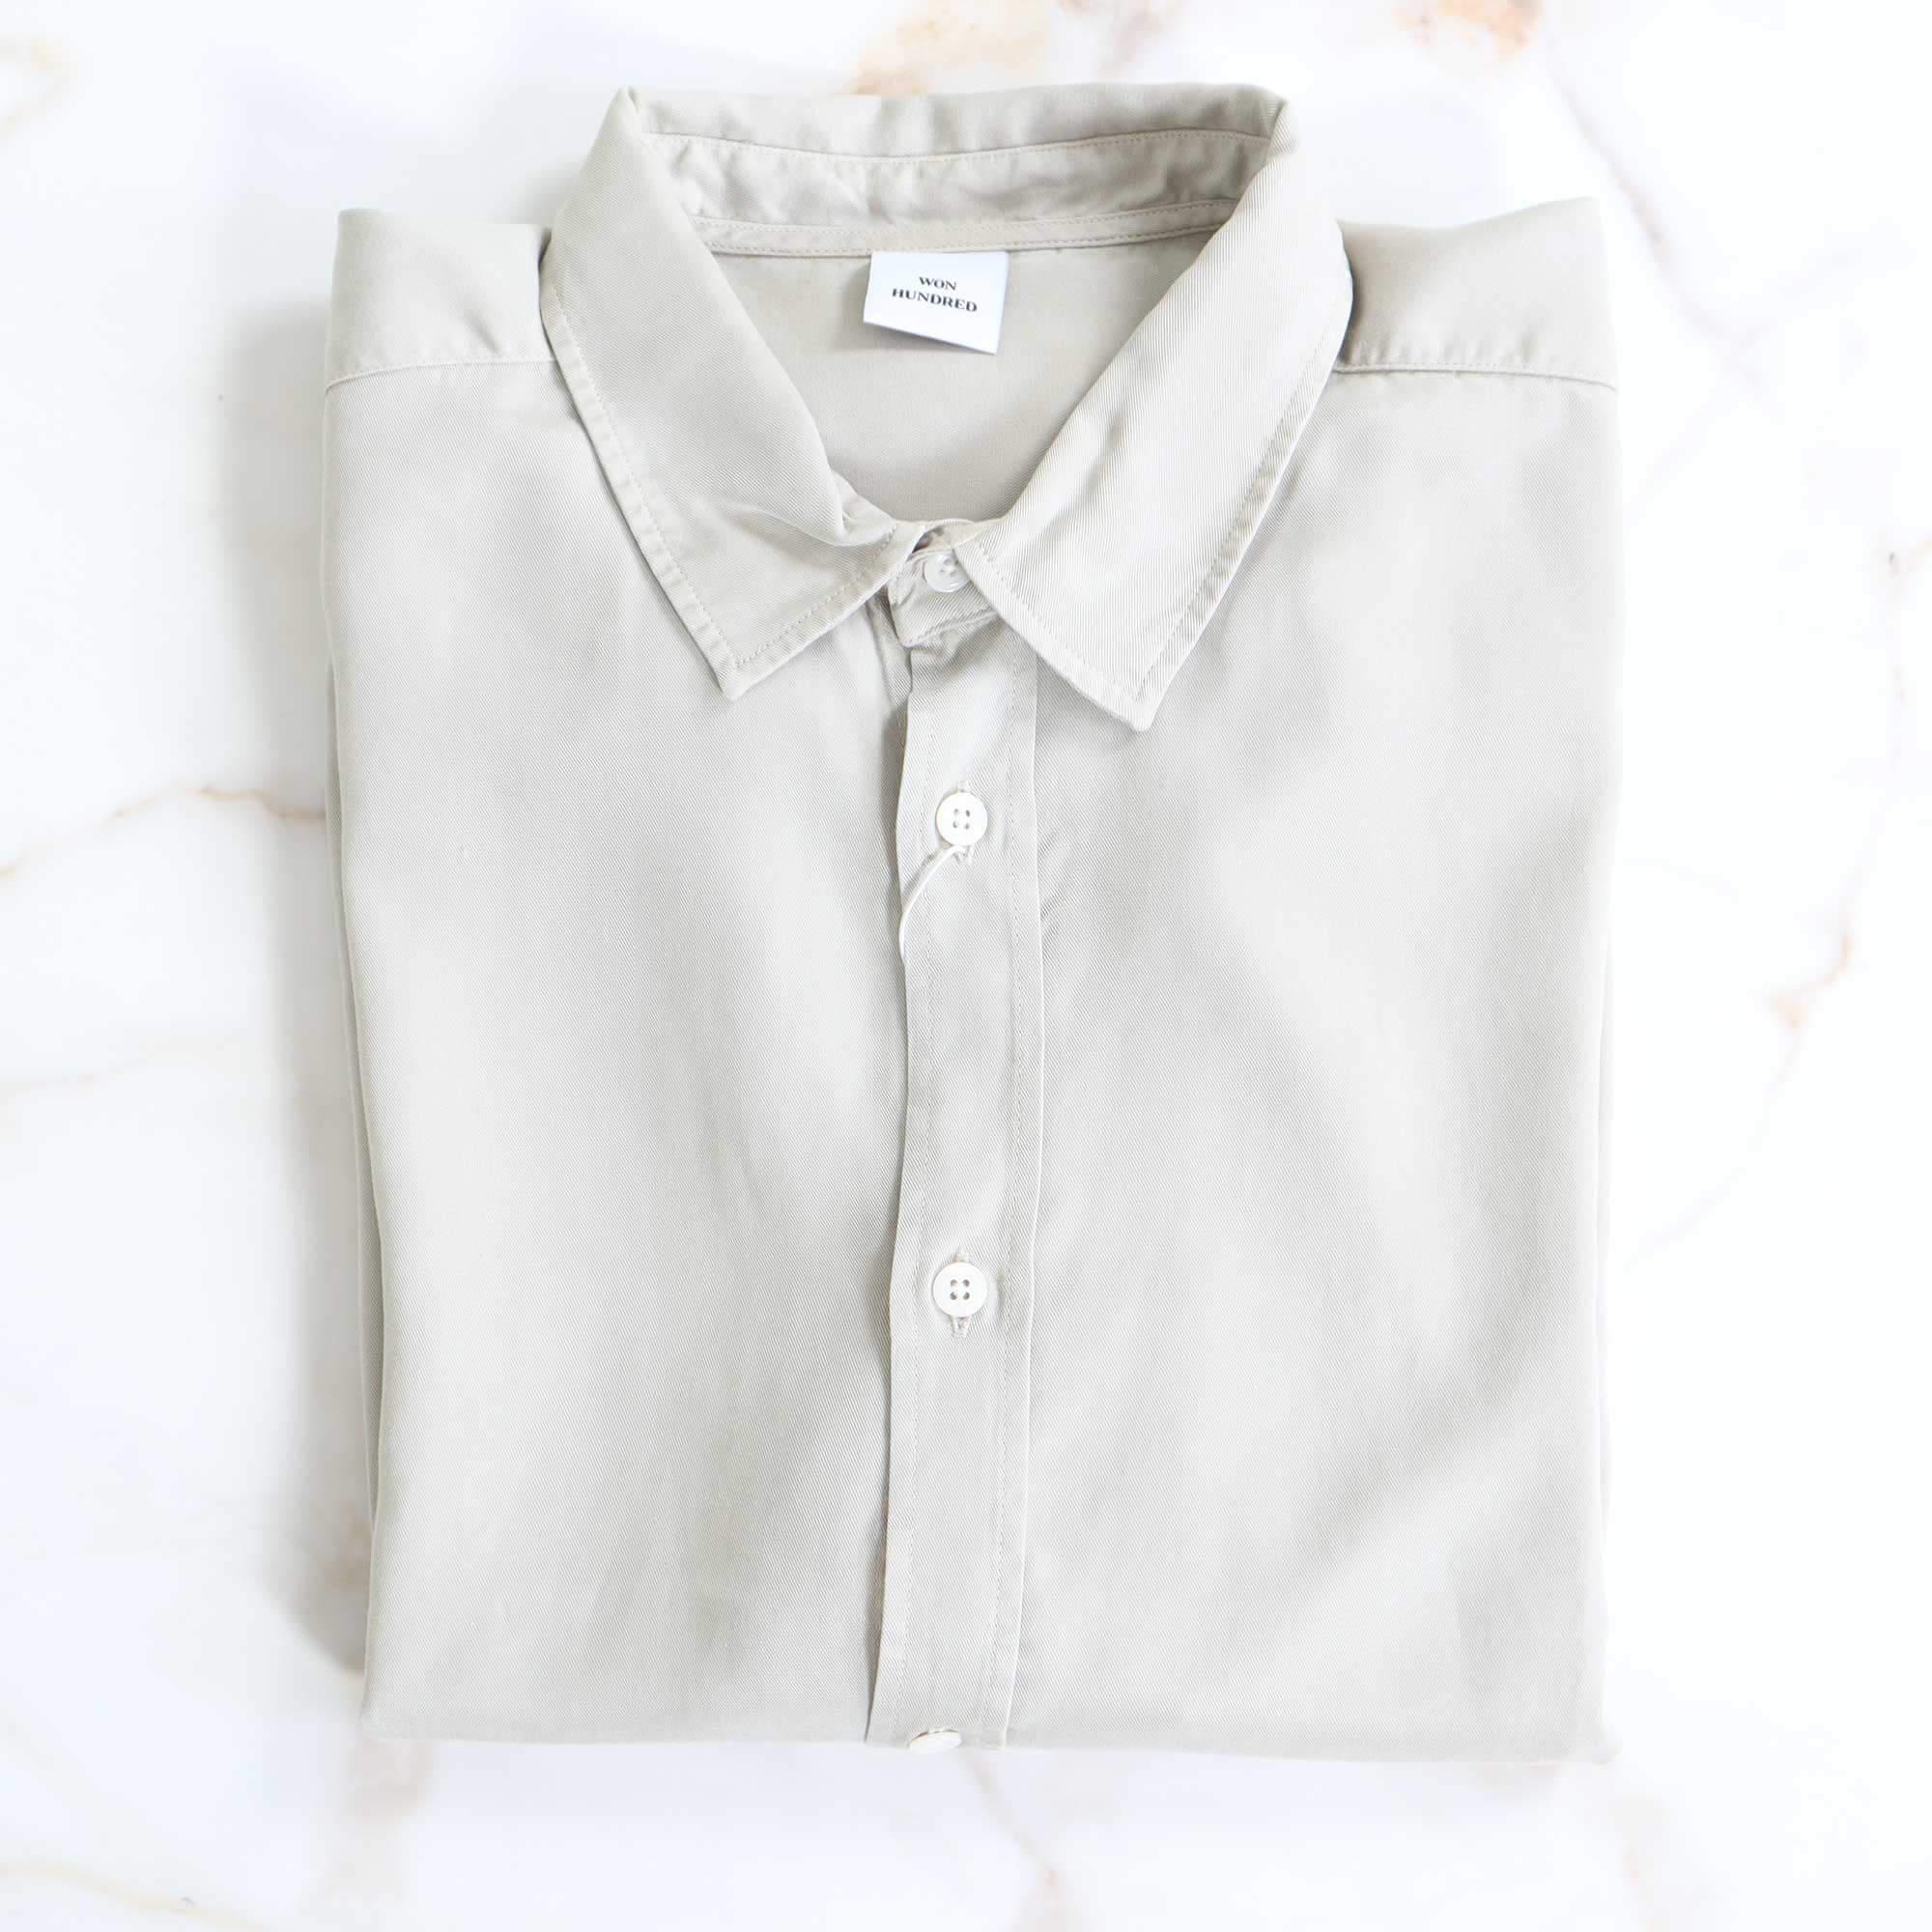 won-blouse-green-1